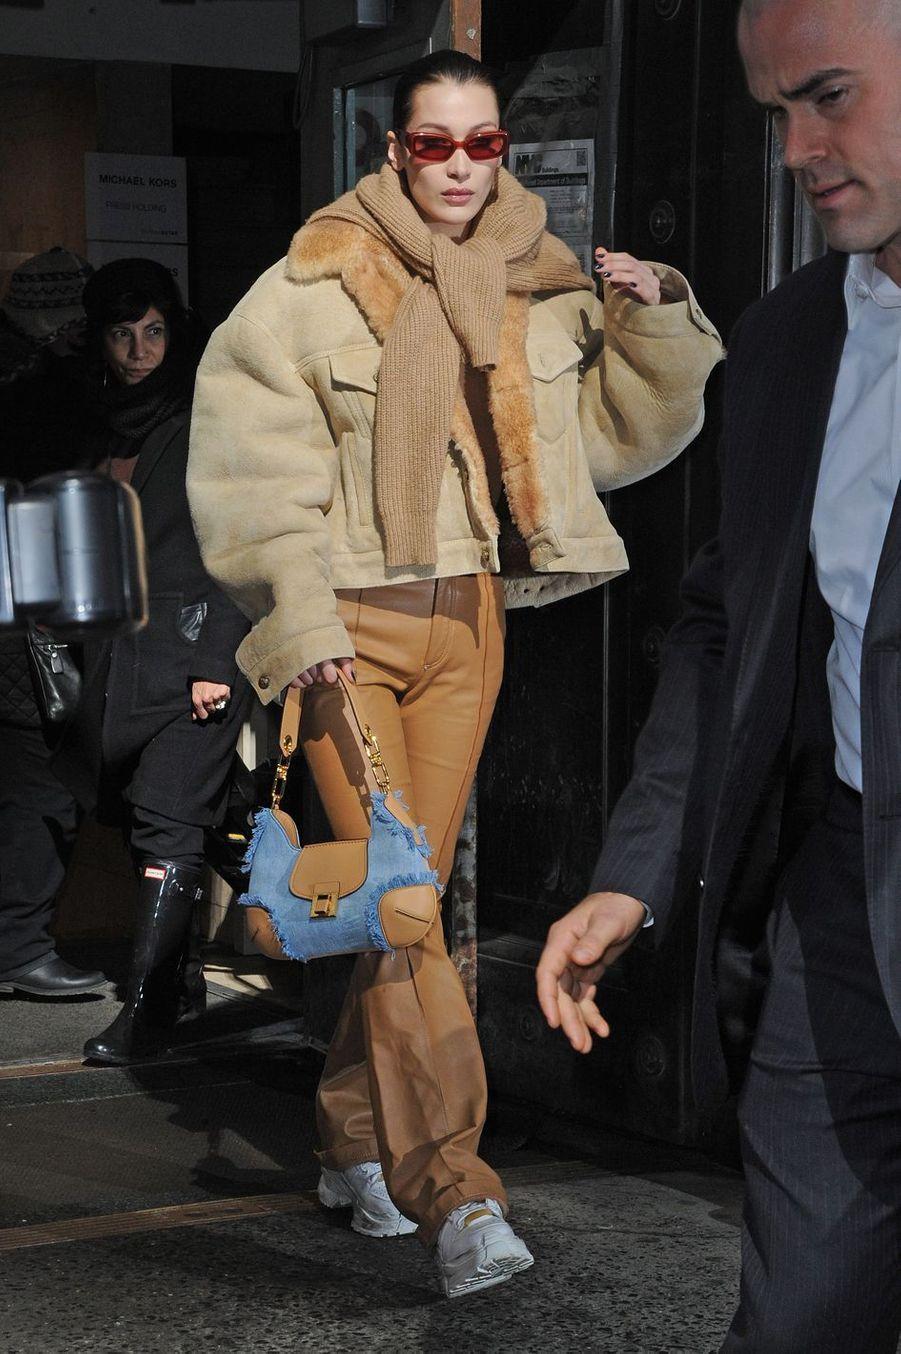 Bella Hadid à la sortie du défilé de mode Michael Kors à New York le 13 février 2019